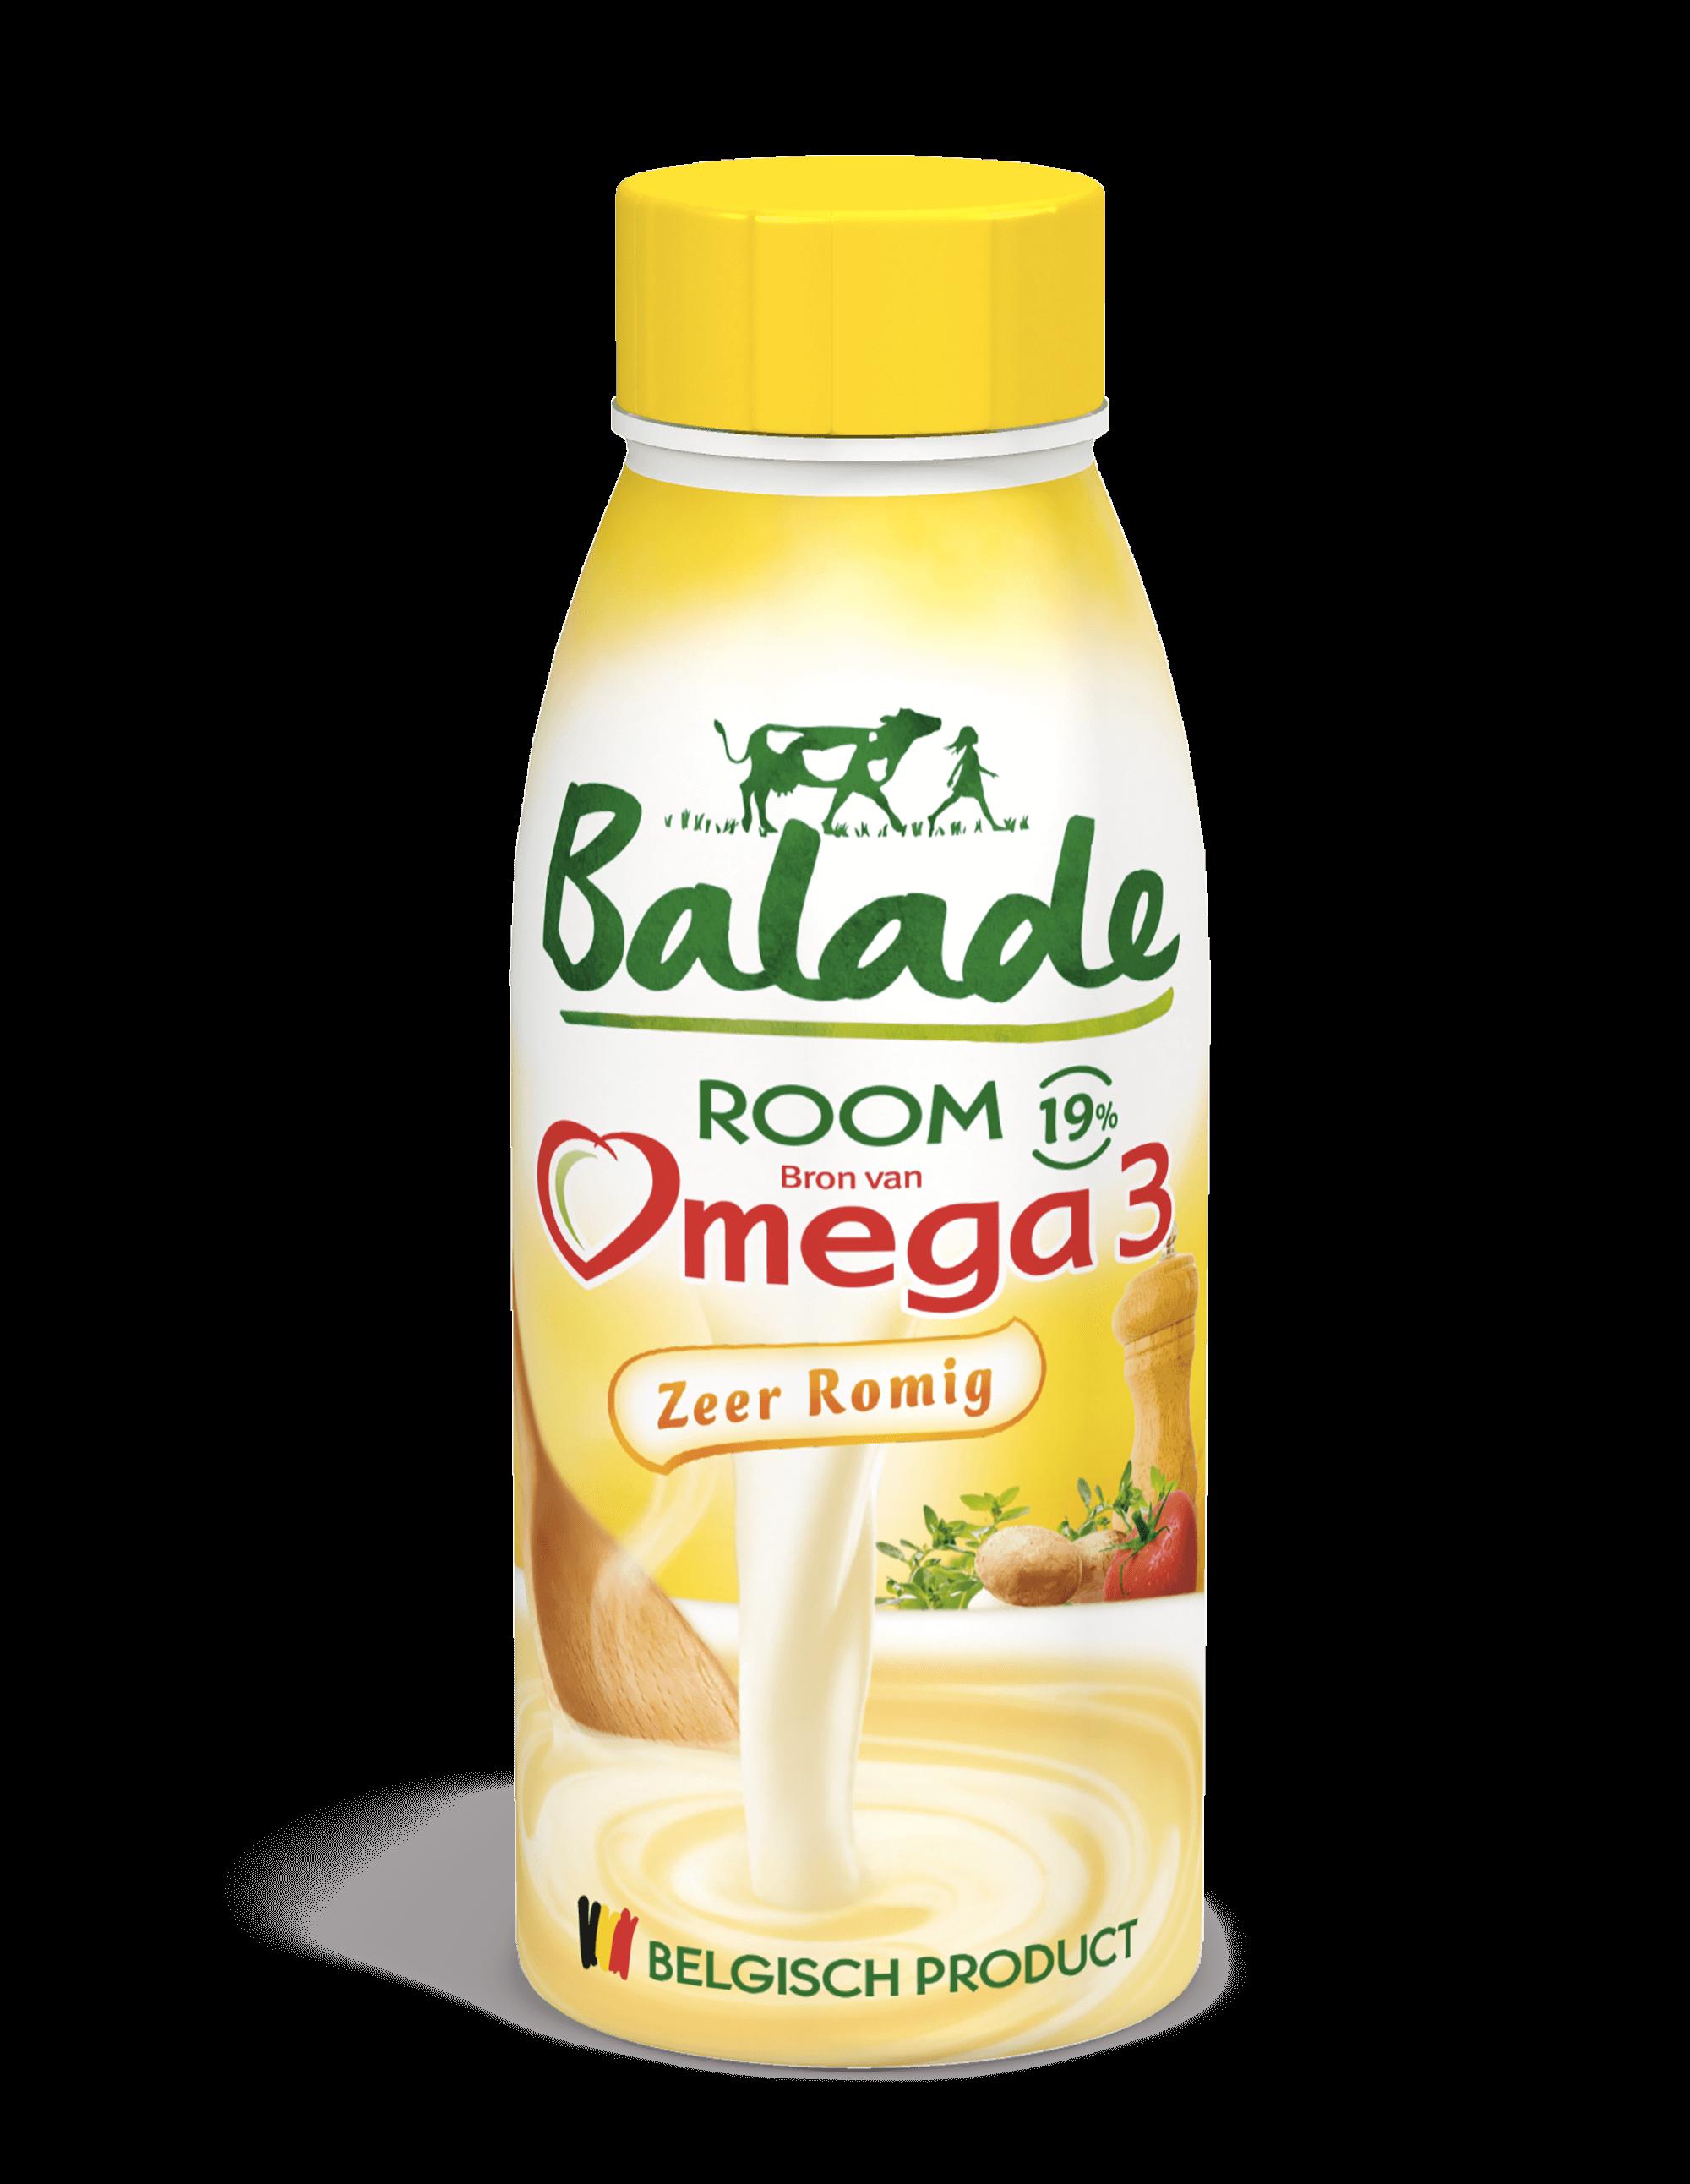 room melk, omega 3